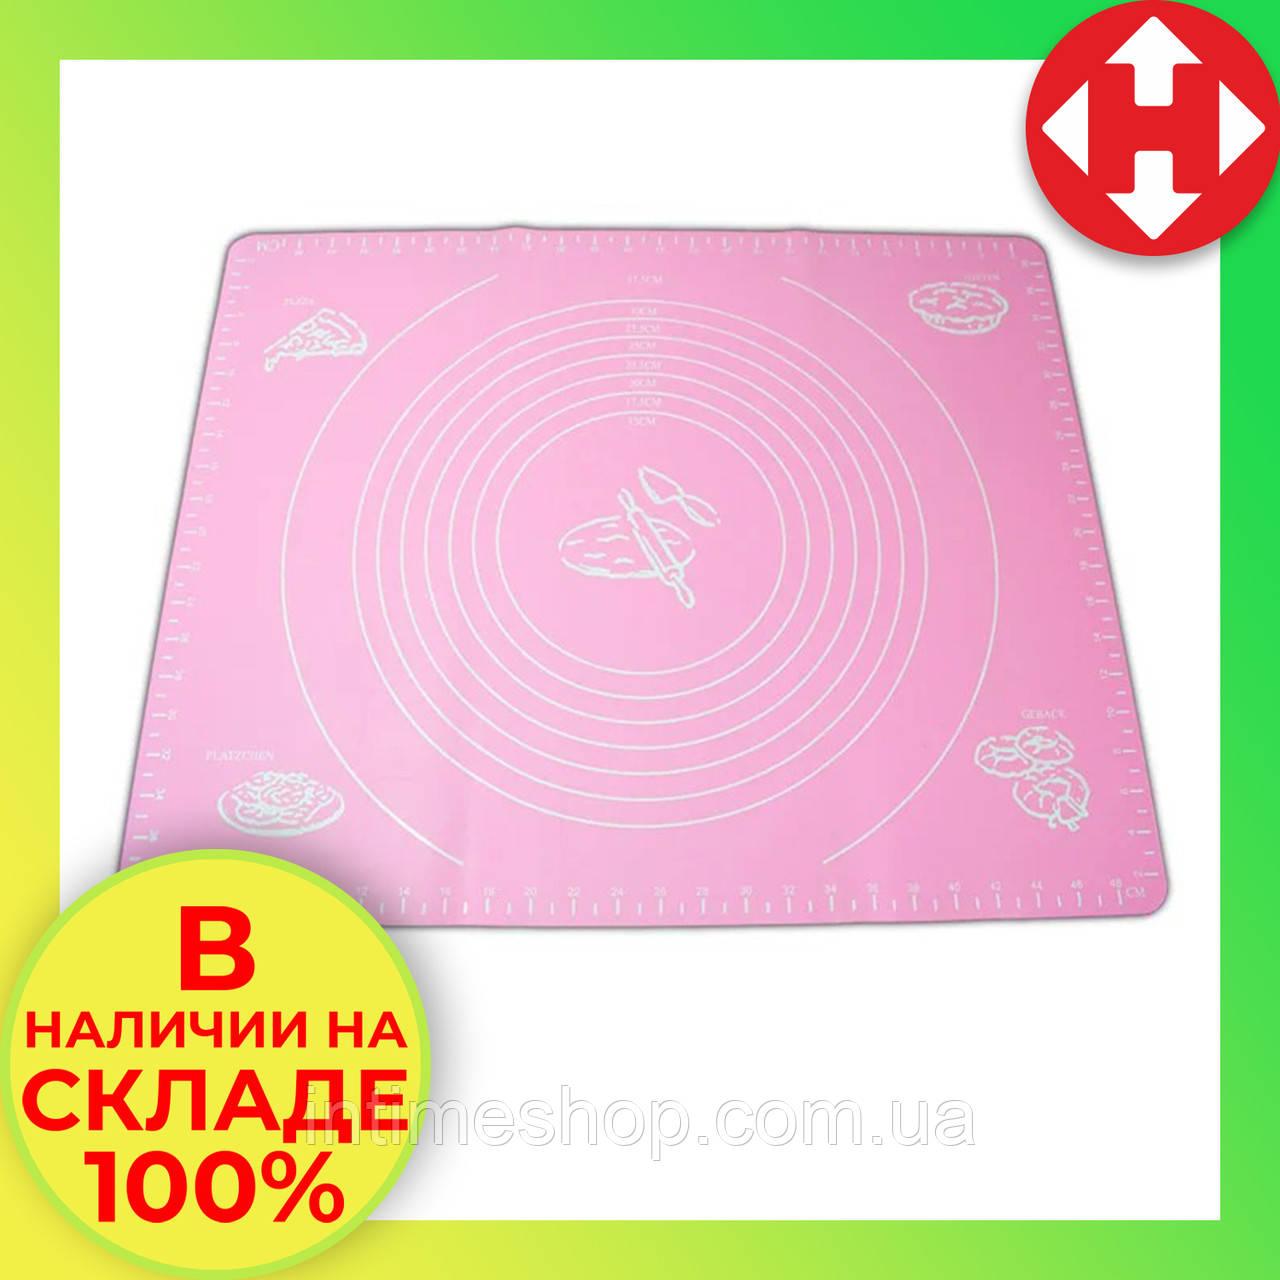 Силиконовый коврик для выпечки из теста розовый силіконовий коврик для тіста - Украина Киев